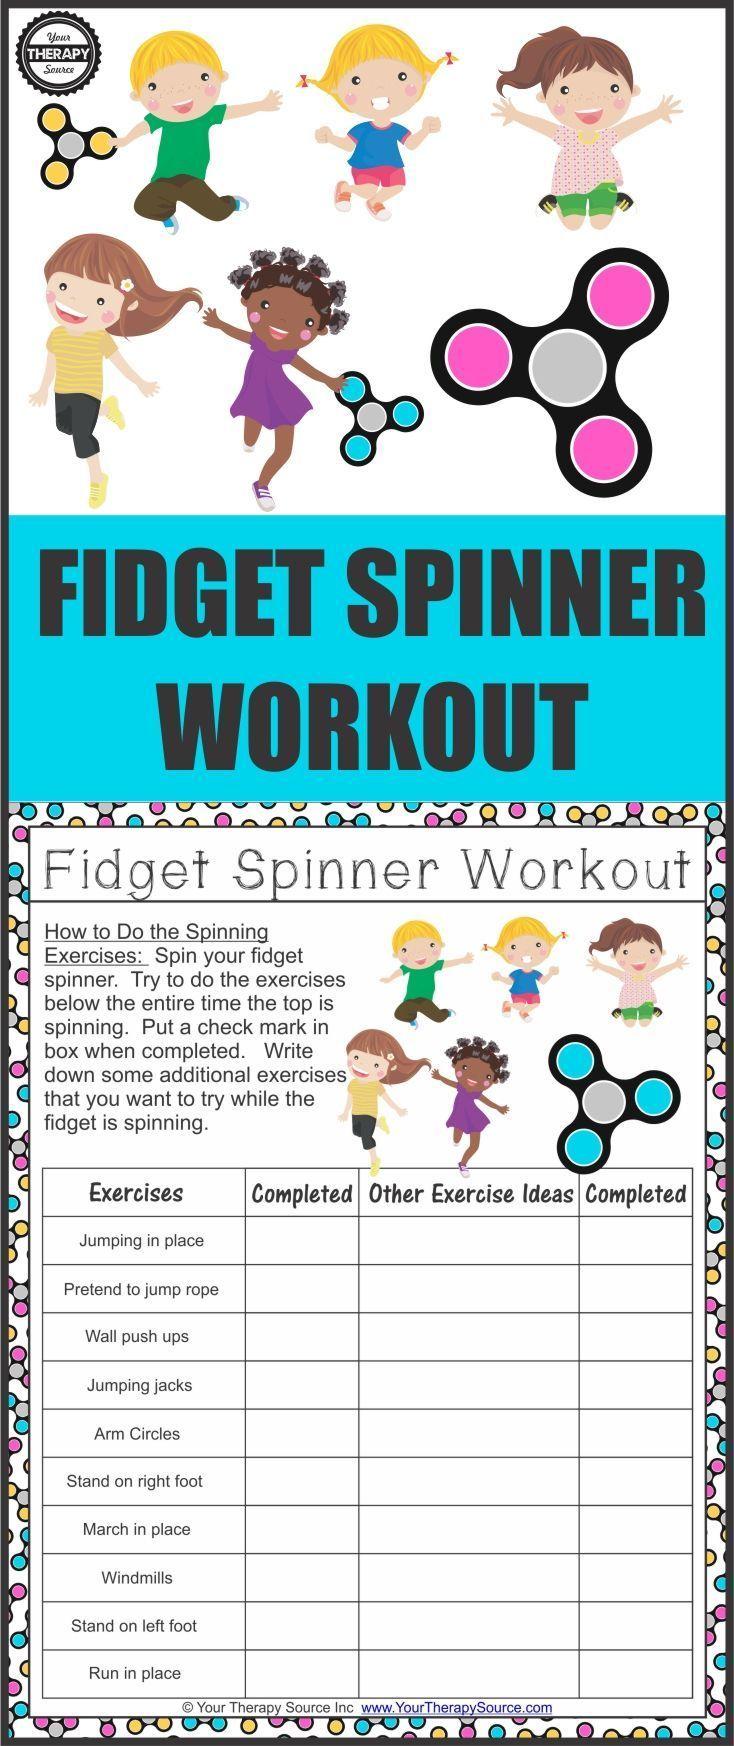 Fidget Spinner Workout